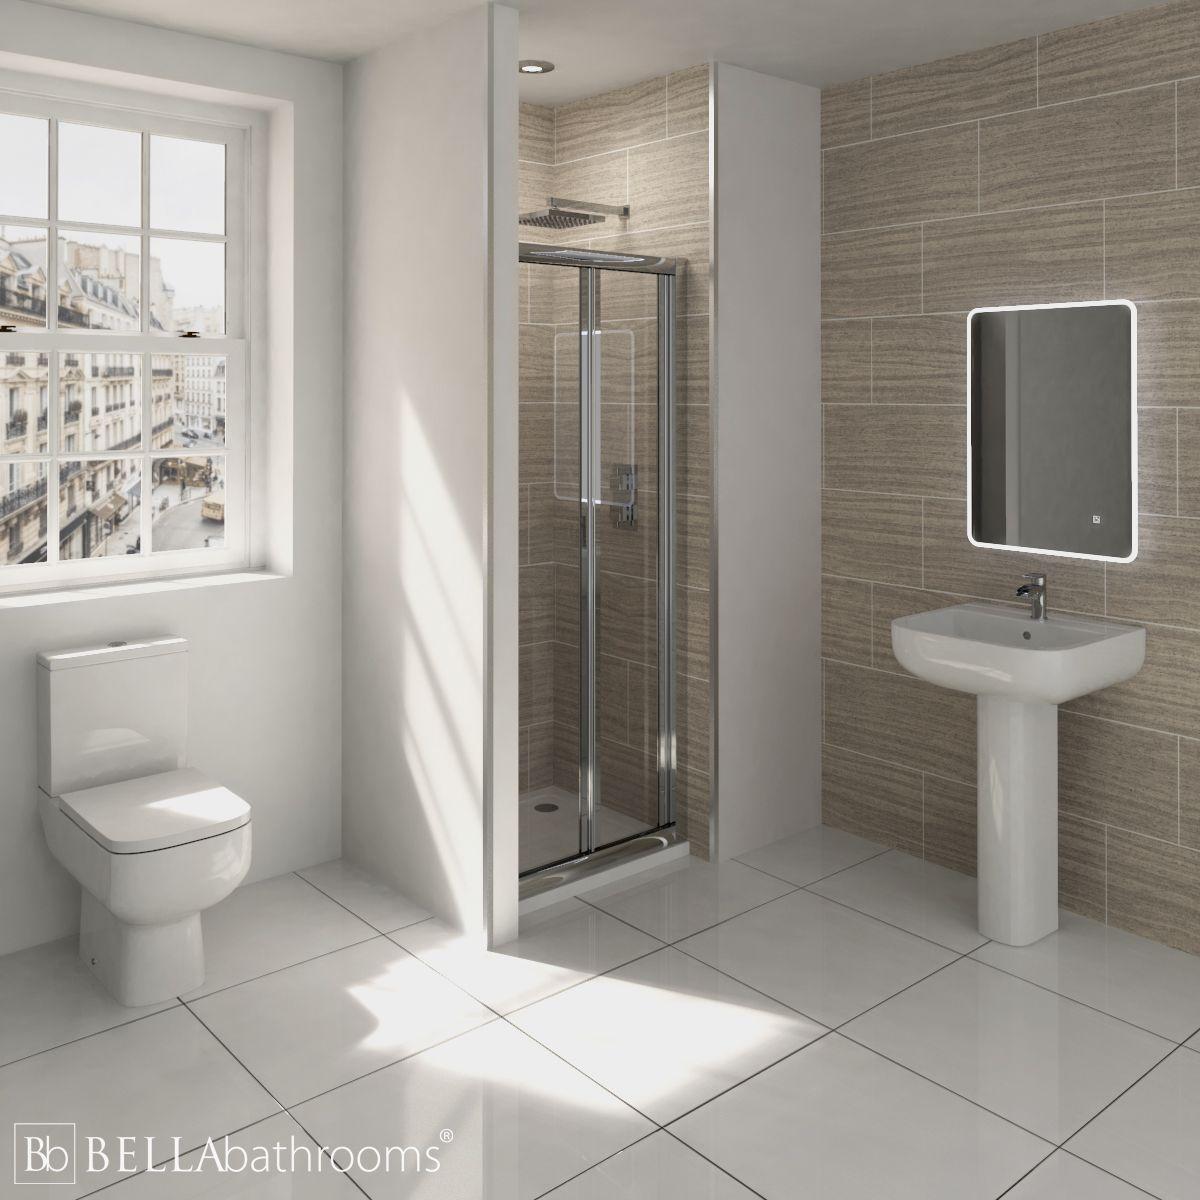 RAK Series 600 En-Suite Bathroom with Pacific Bifold Door Shower Enclosure Recess